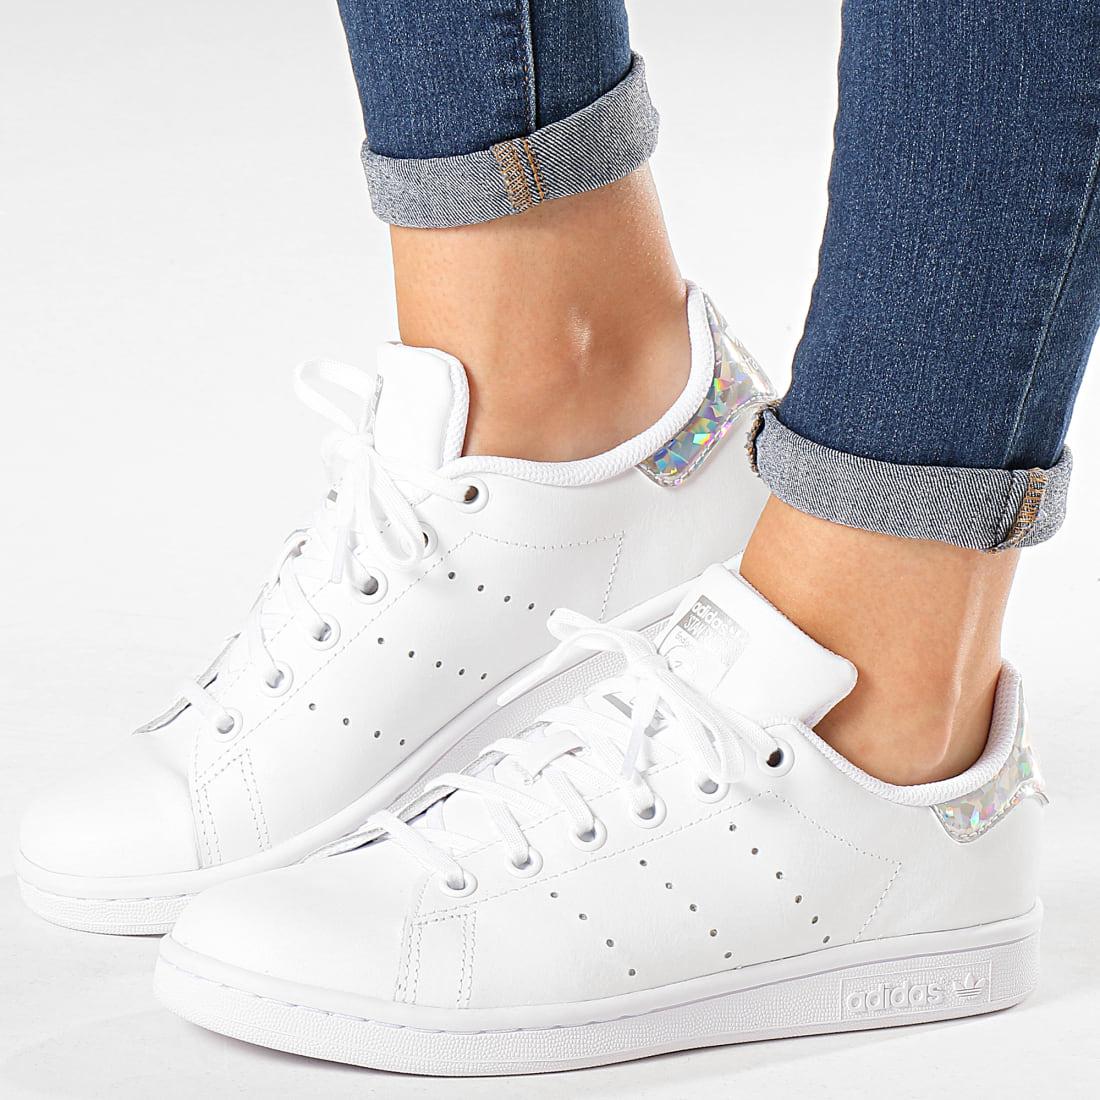 Adidas Originals - Baskets Femme Stan Smith EE8483 Footwear White ...